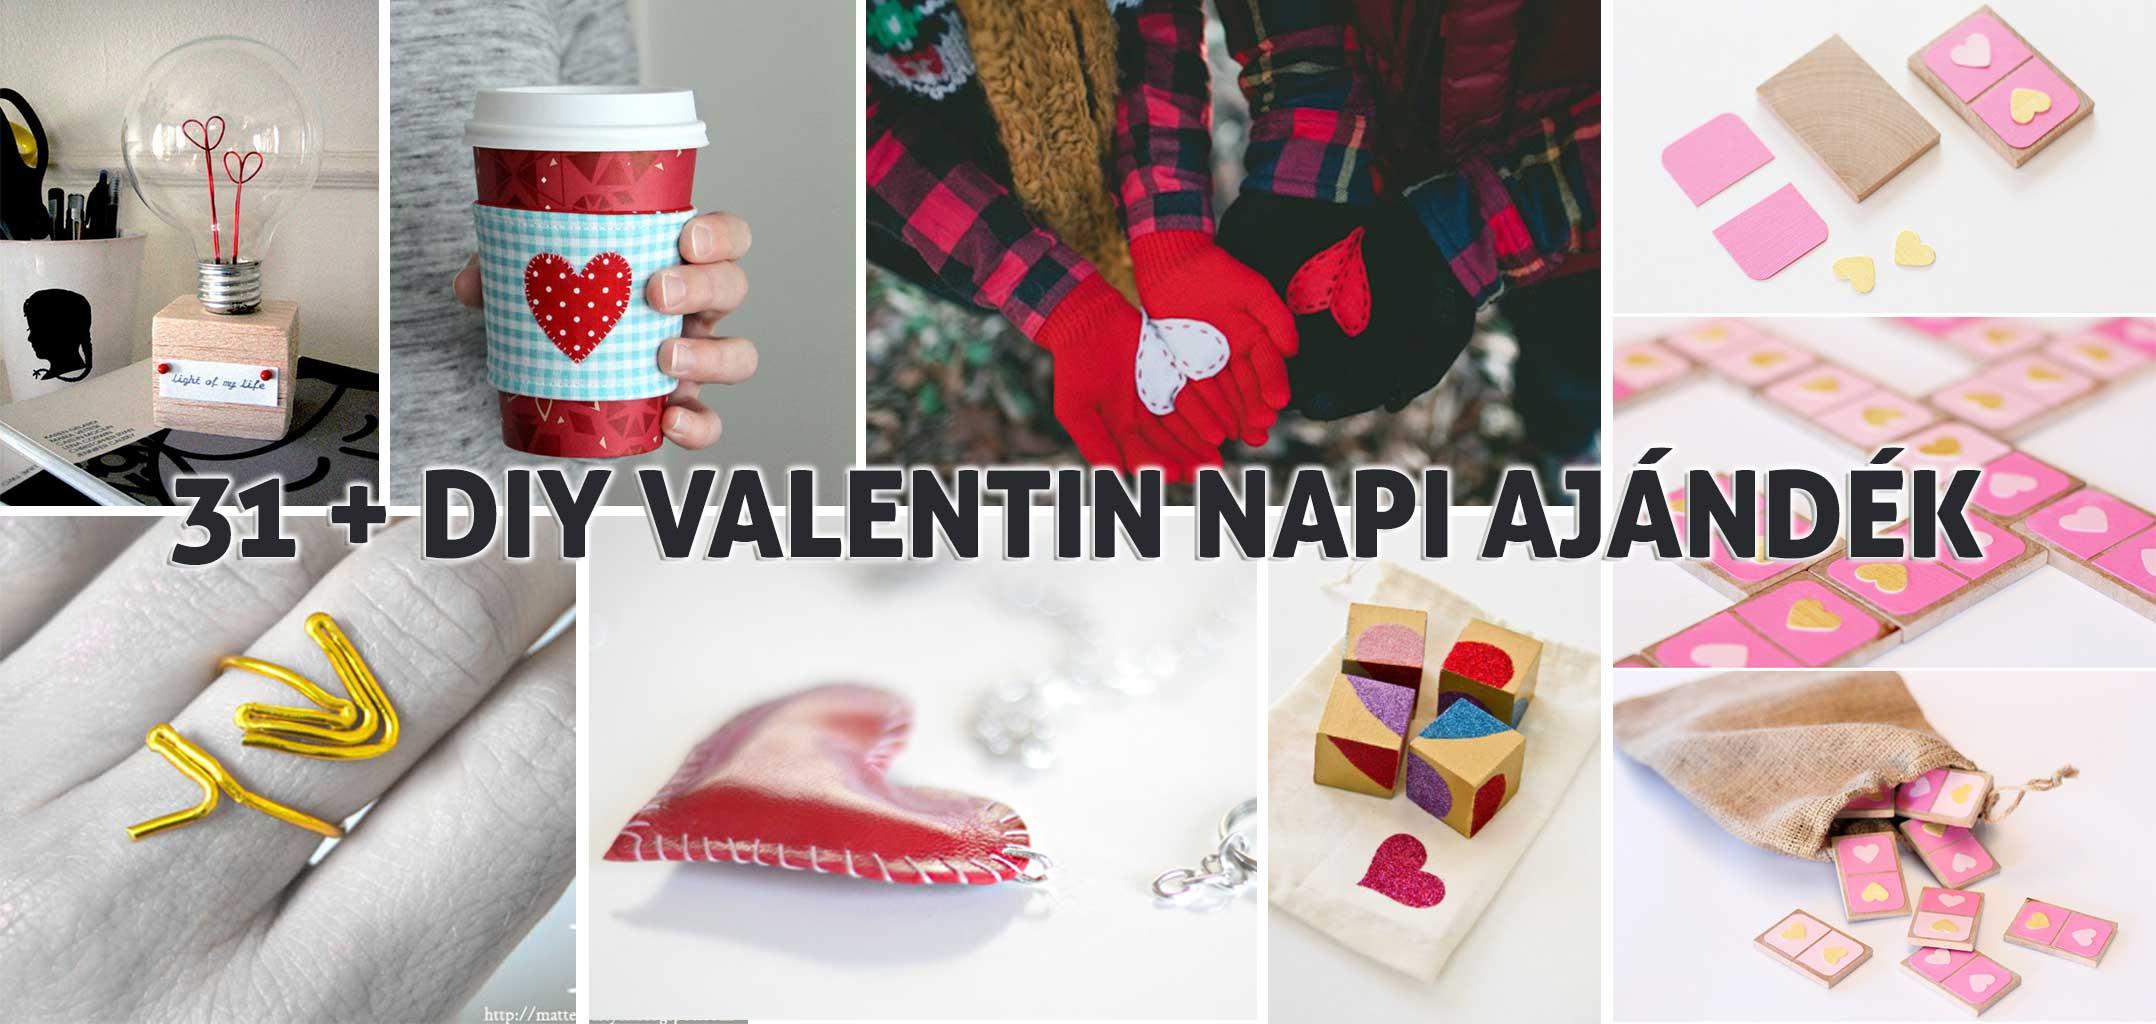 Valentin napi ötlet